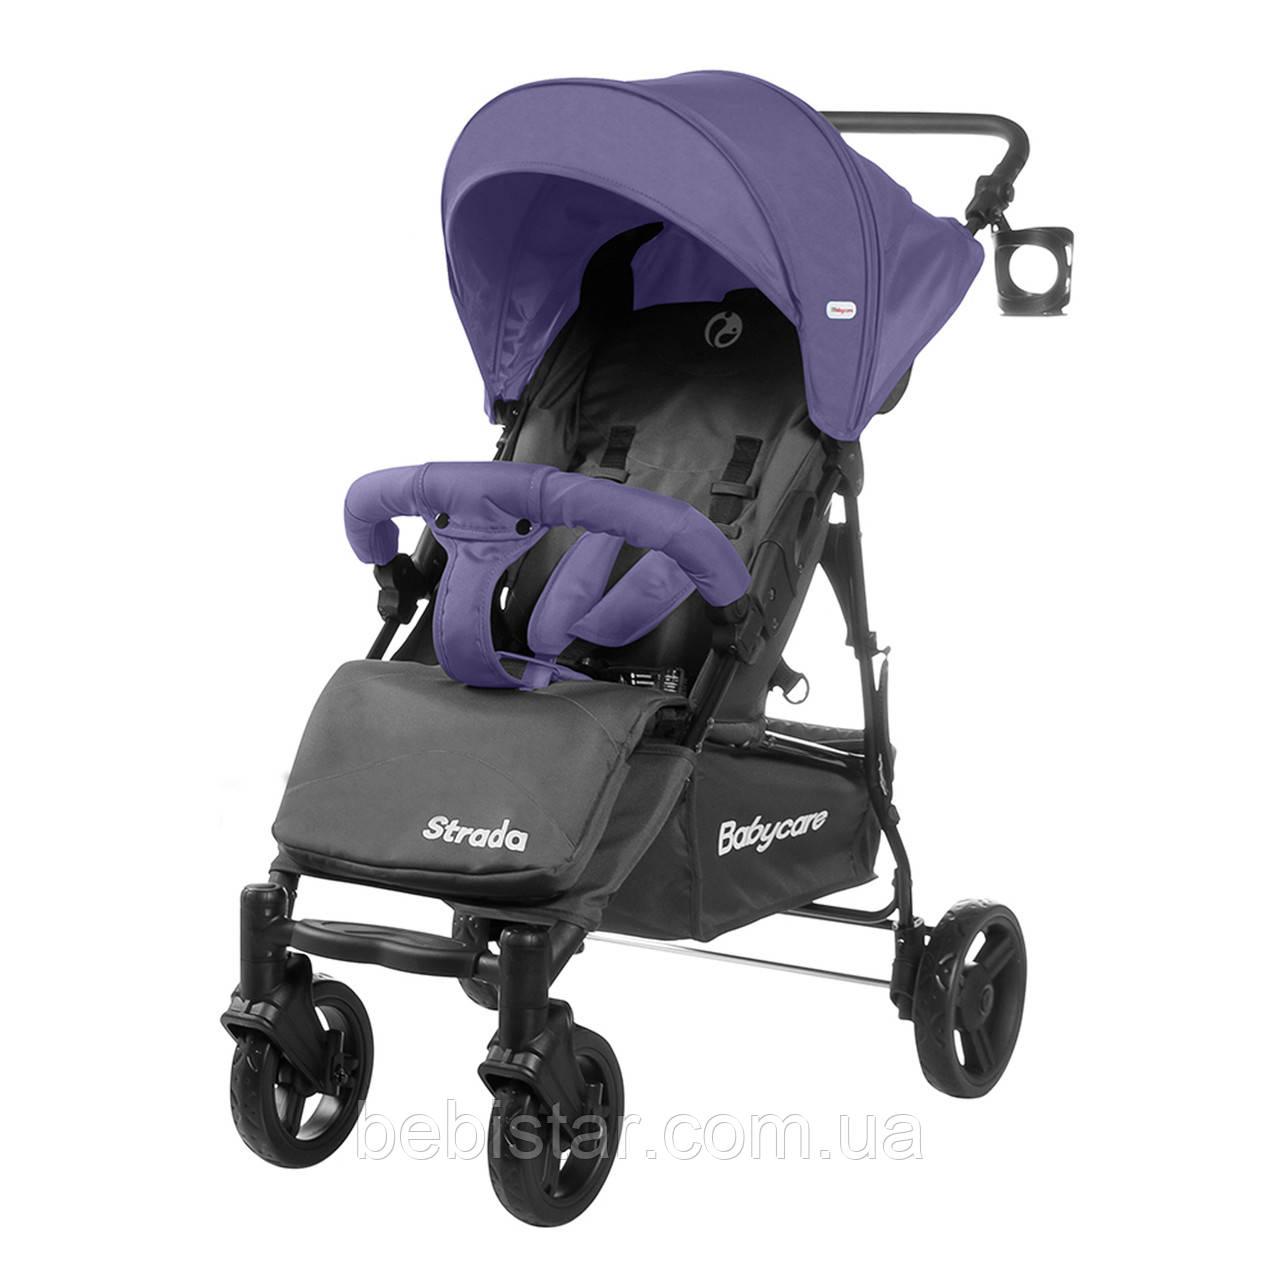 Прогулочная коляска фиолетовая Babycare Strada CRL-7305 Royal Purple